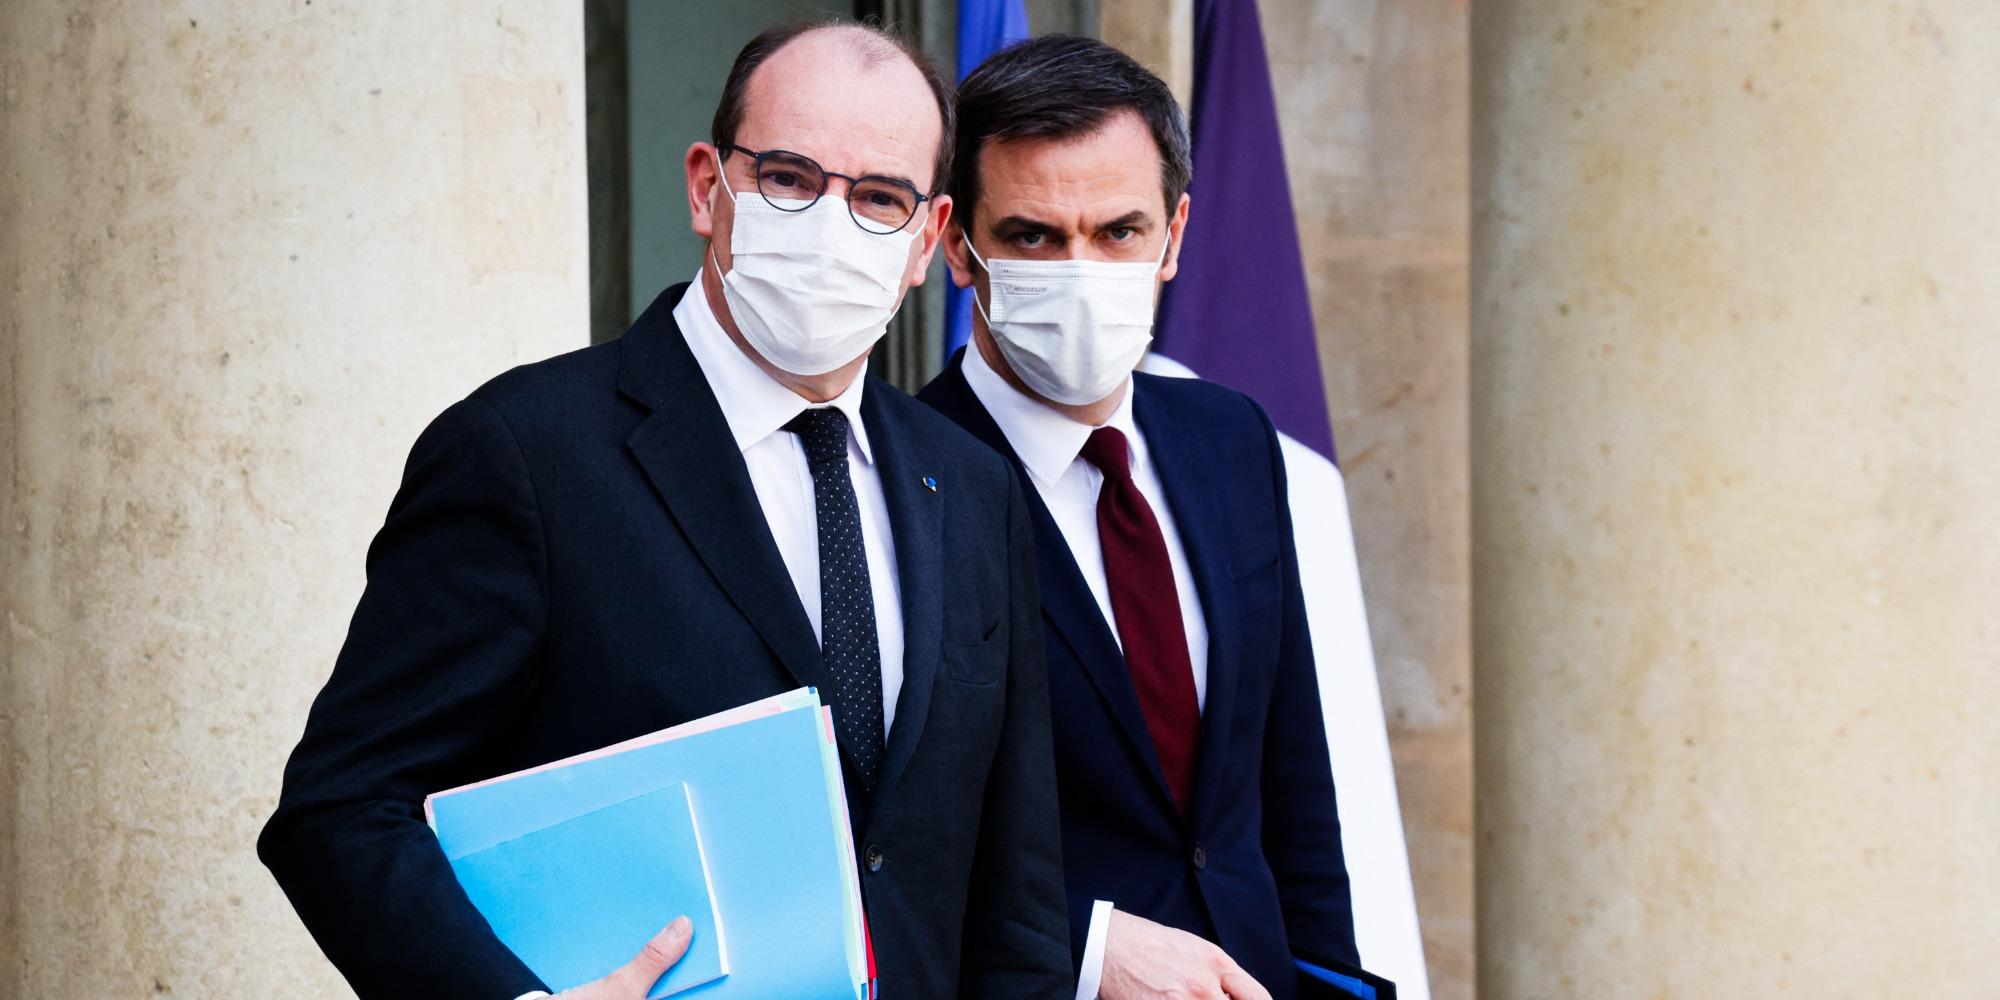 Covid : l'épidémie sur un plateau, le gouvernement dans l'embarras